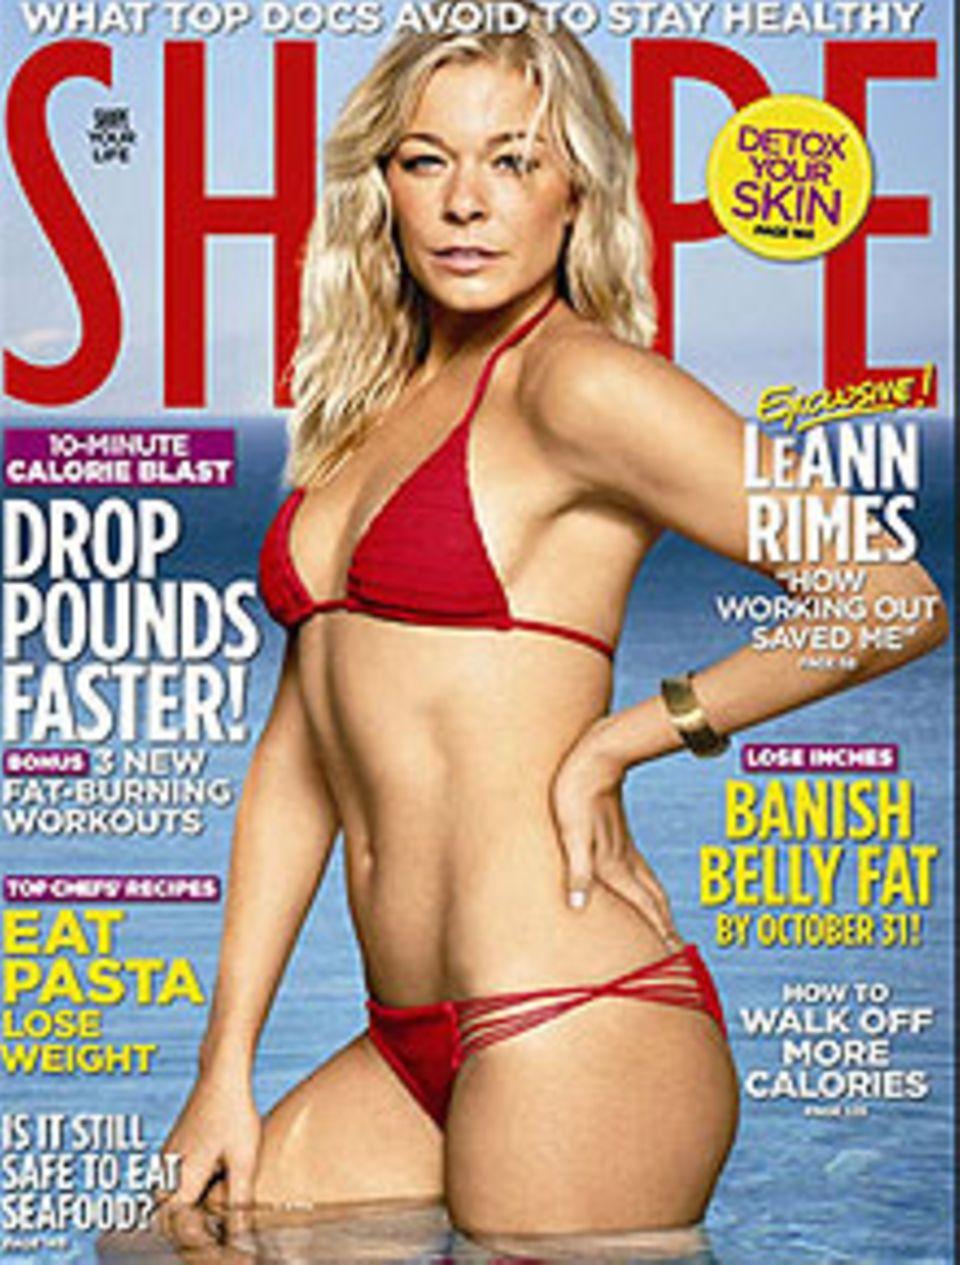 """Selbstbewusst und glücklich: LeAnn Rimes auf dem Cover der """"Shape""""."""